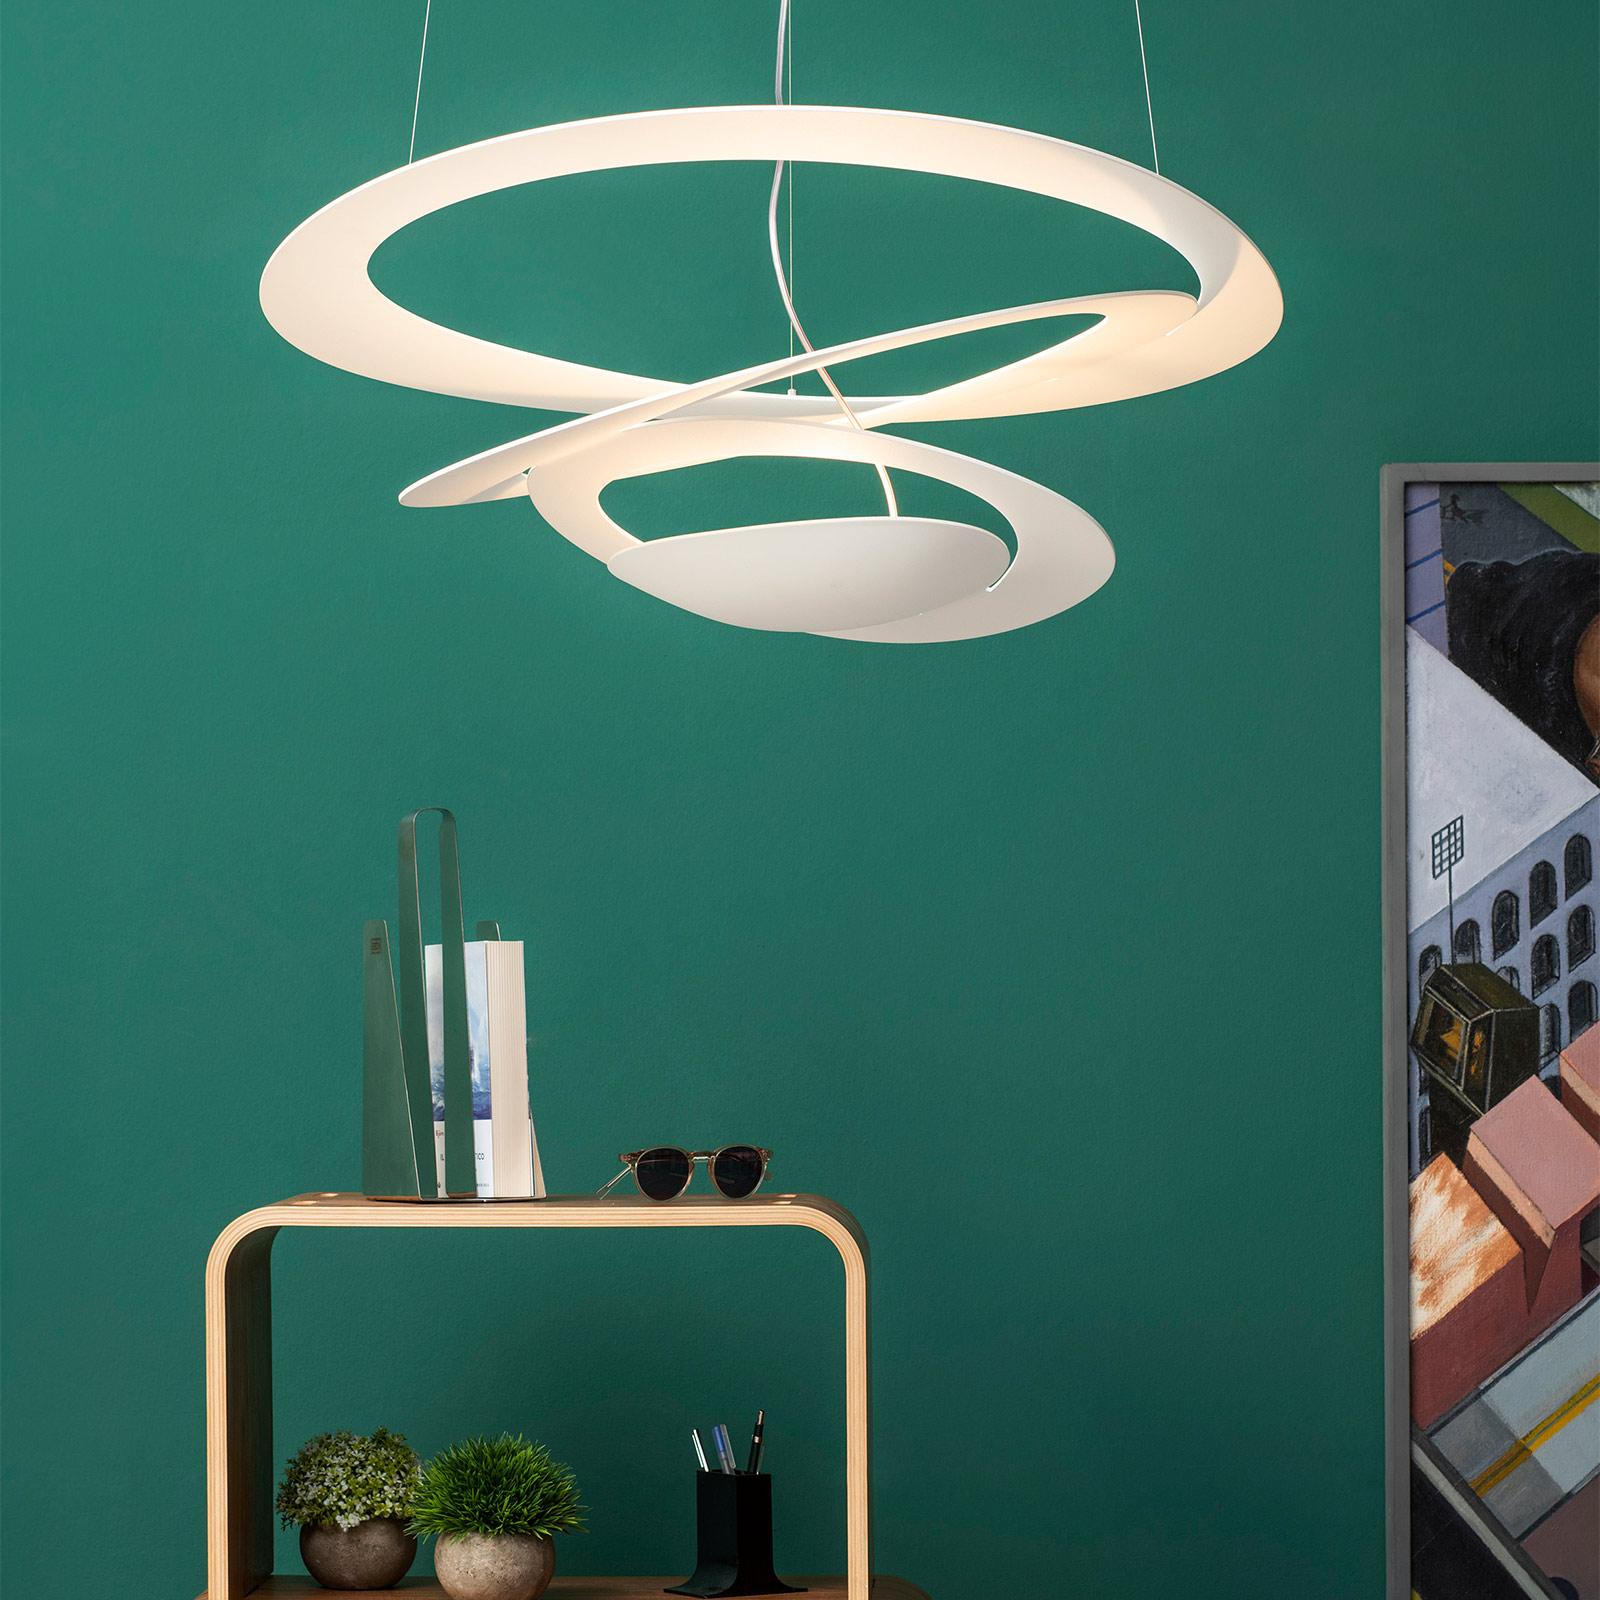 Lampada a sospensione bianca Pirce, 67x69 cm